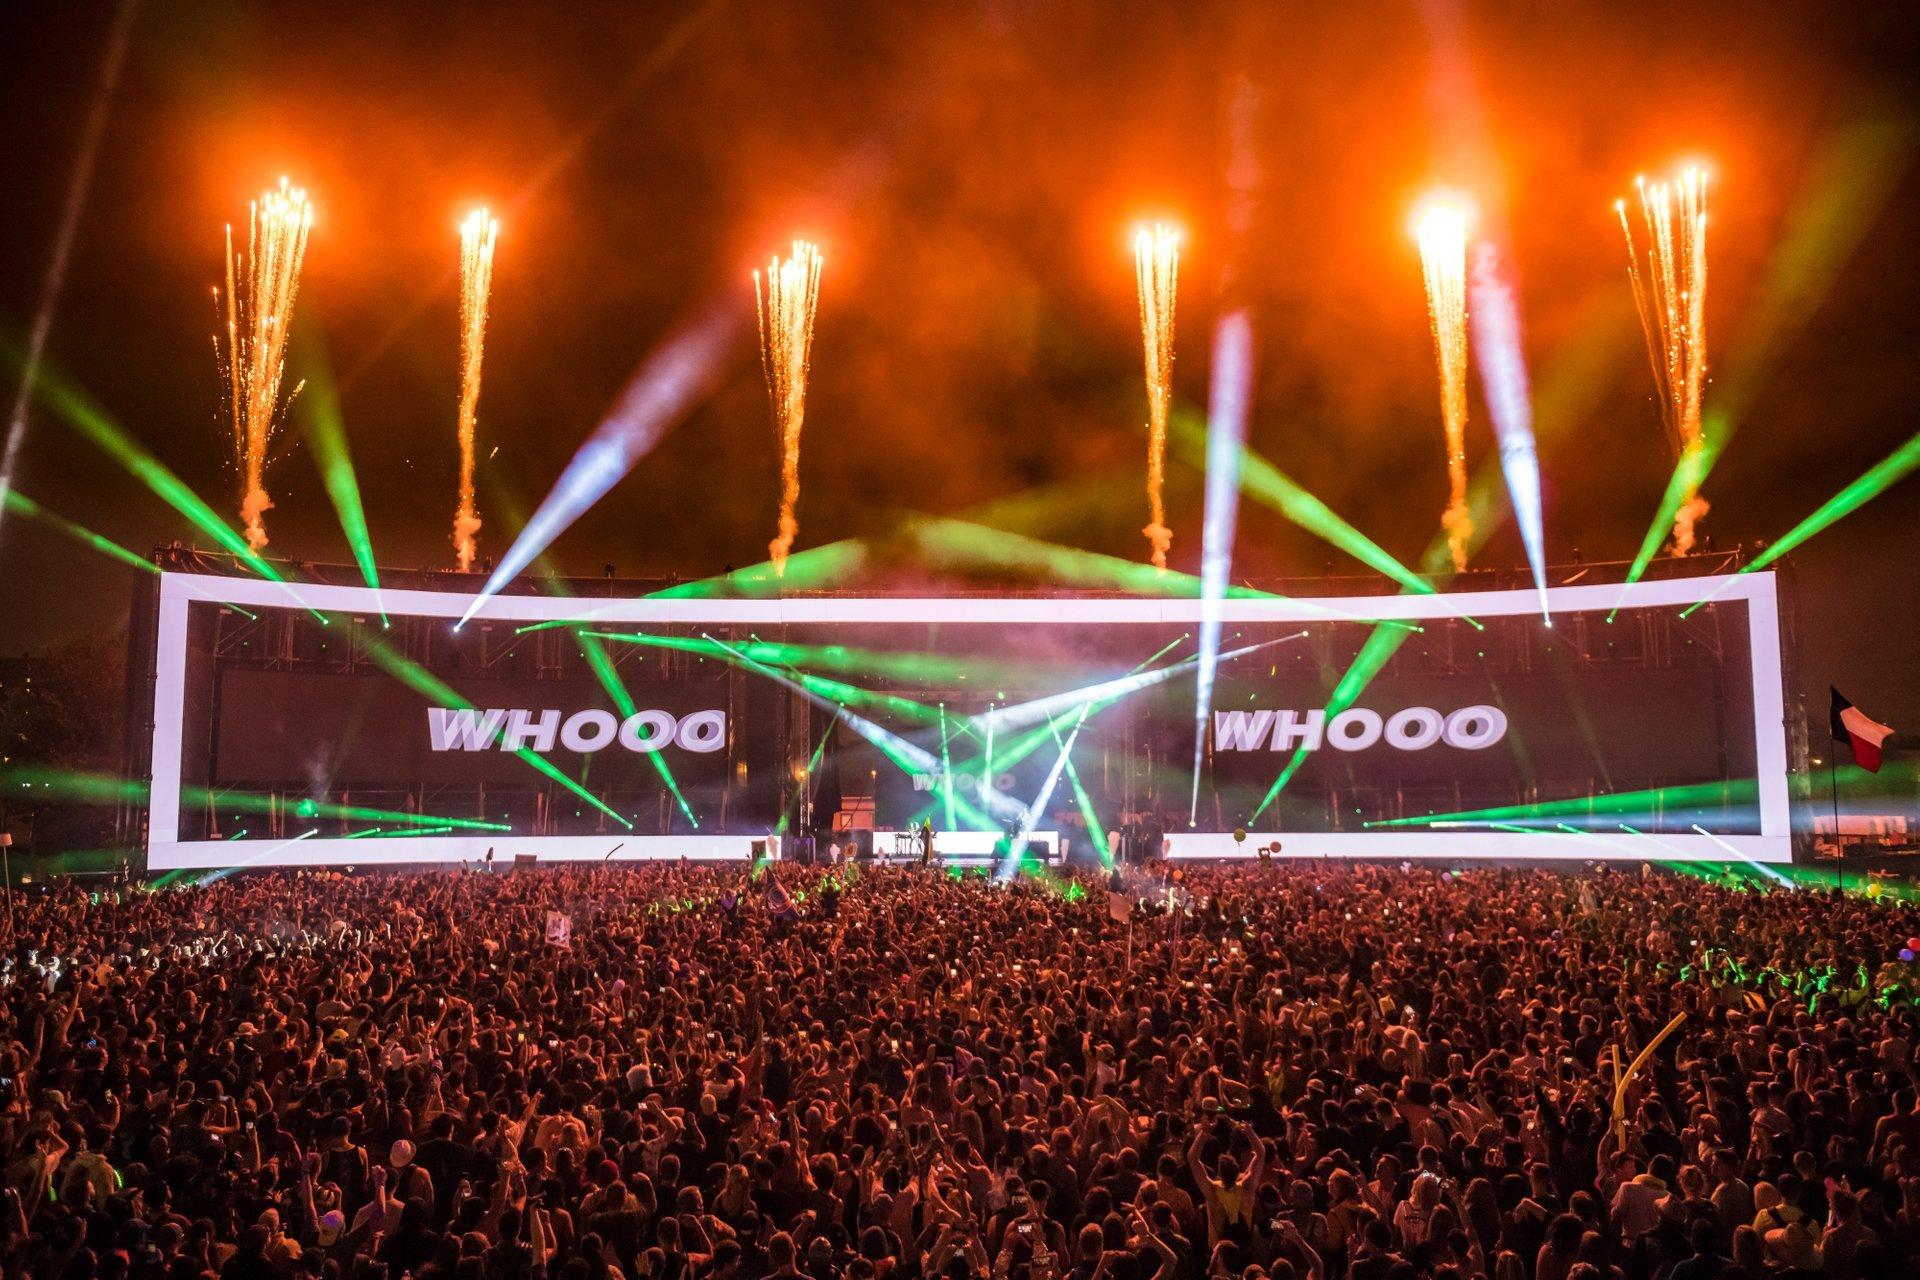 Spring Awakening Music Festival in Chicago - Best Season 2020